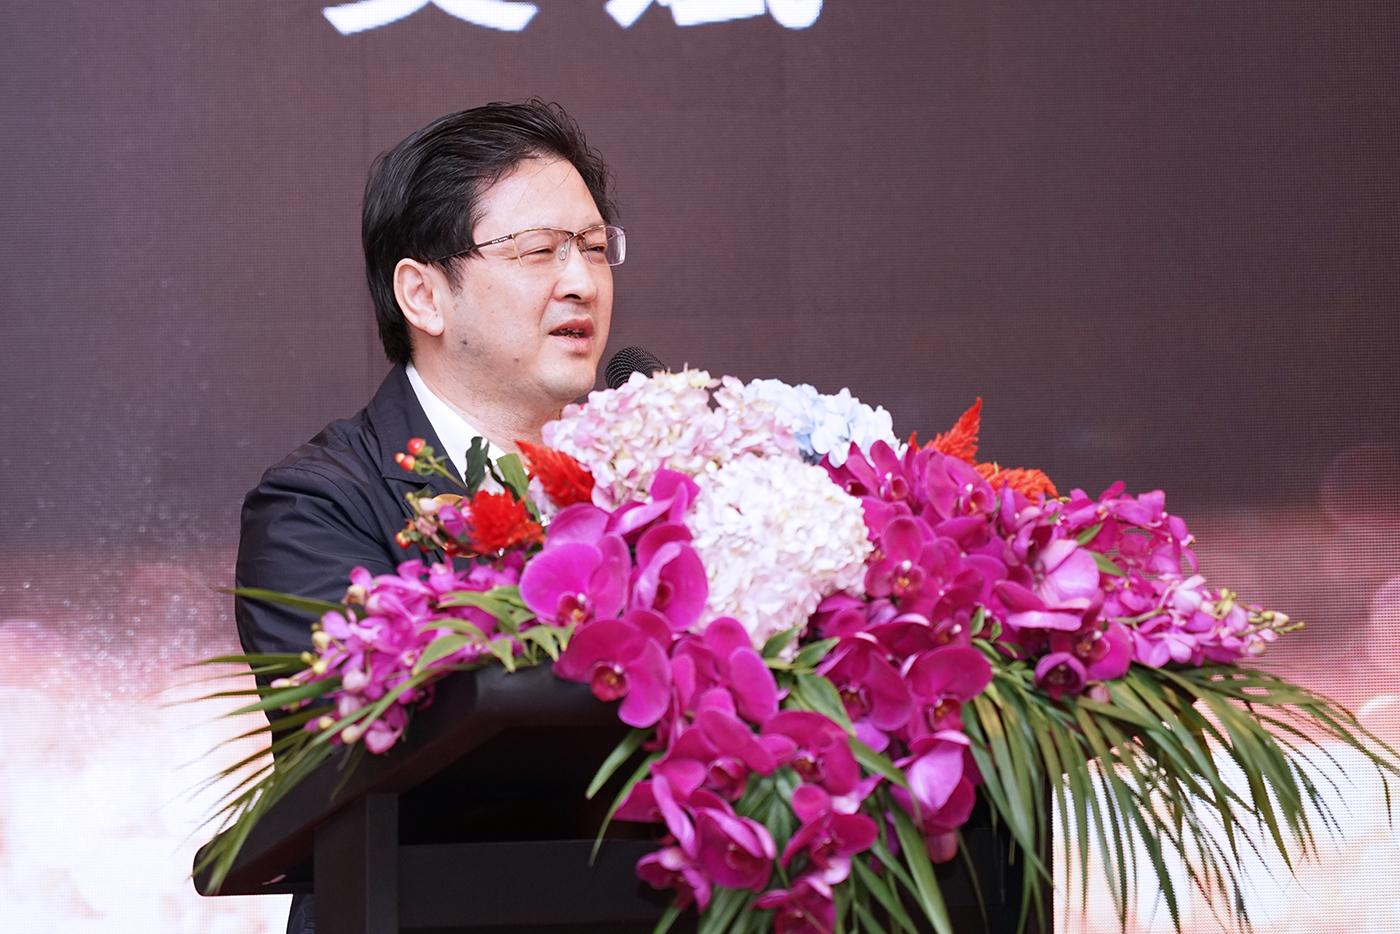 上海市闵行区常委、副区长吴斌出席开幕活动并致辞。